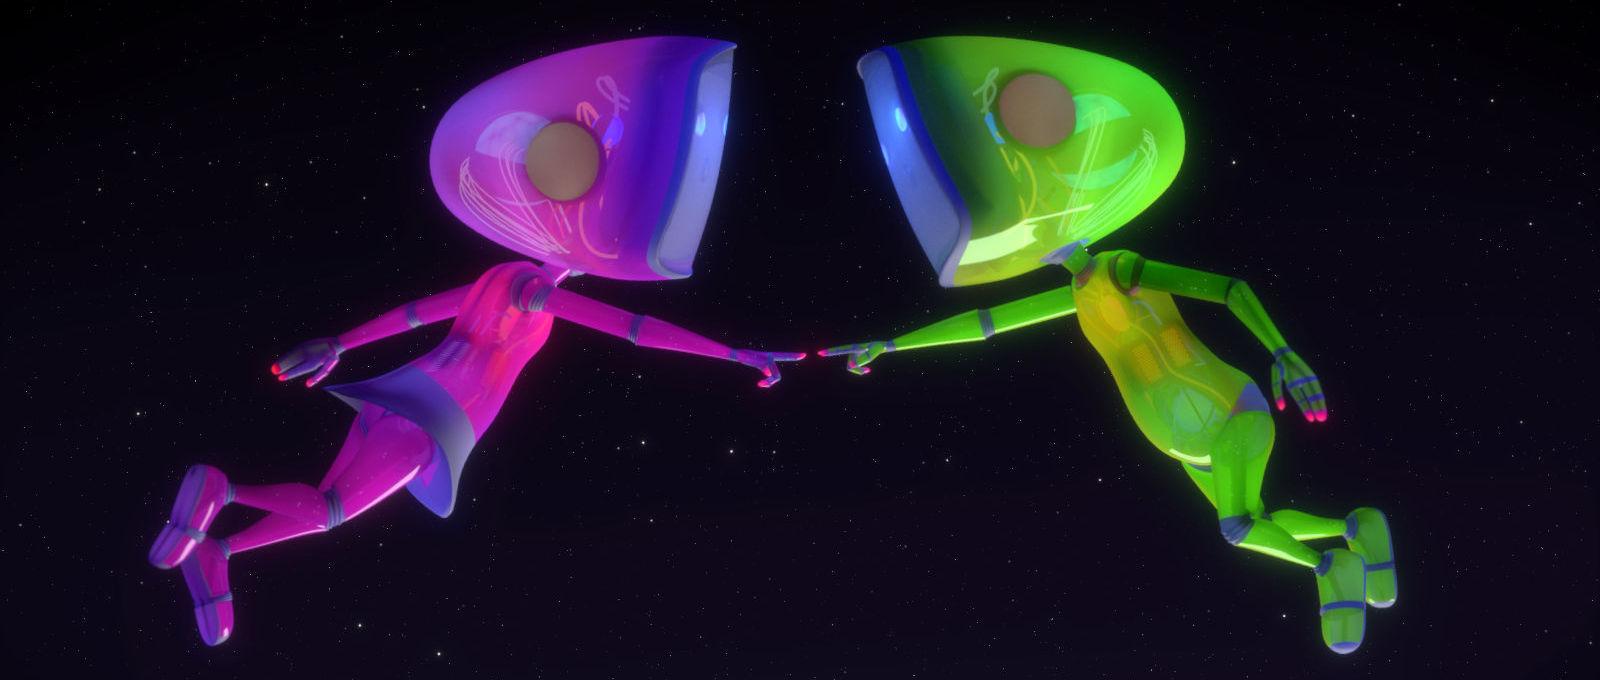 Globies_in_Space